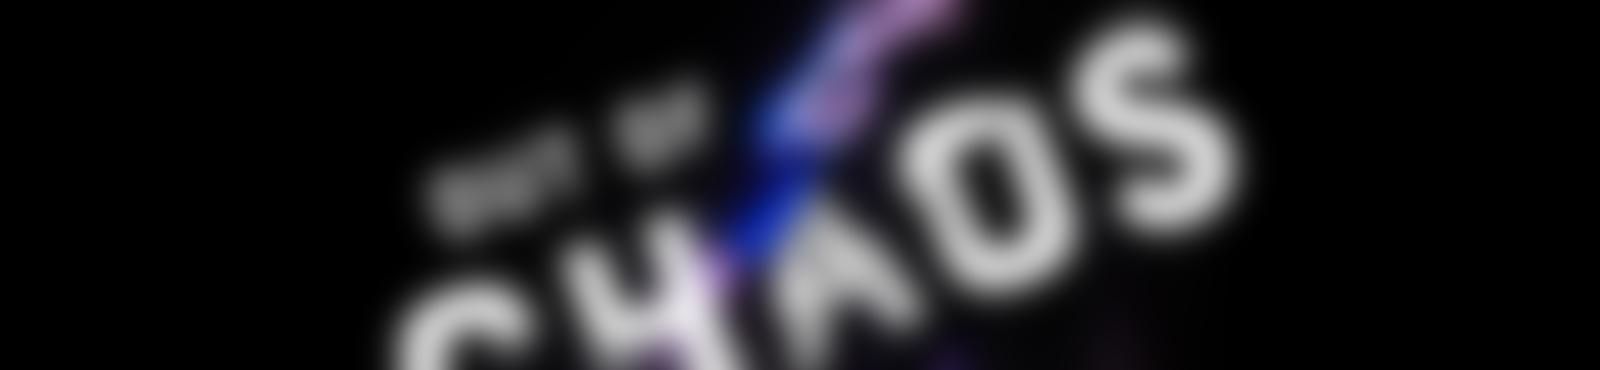 Blurred 21eb5ff9 b408 4add 9ba3 673627439f9d